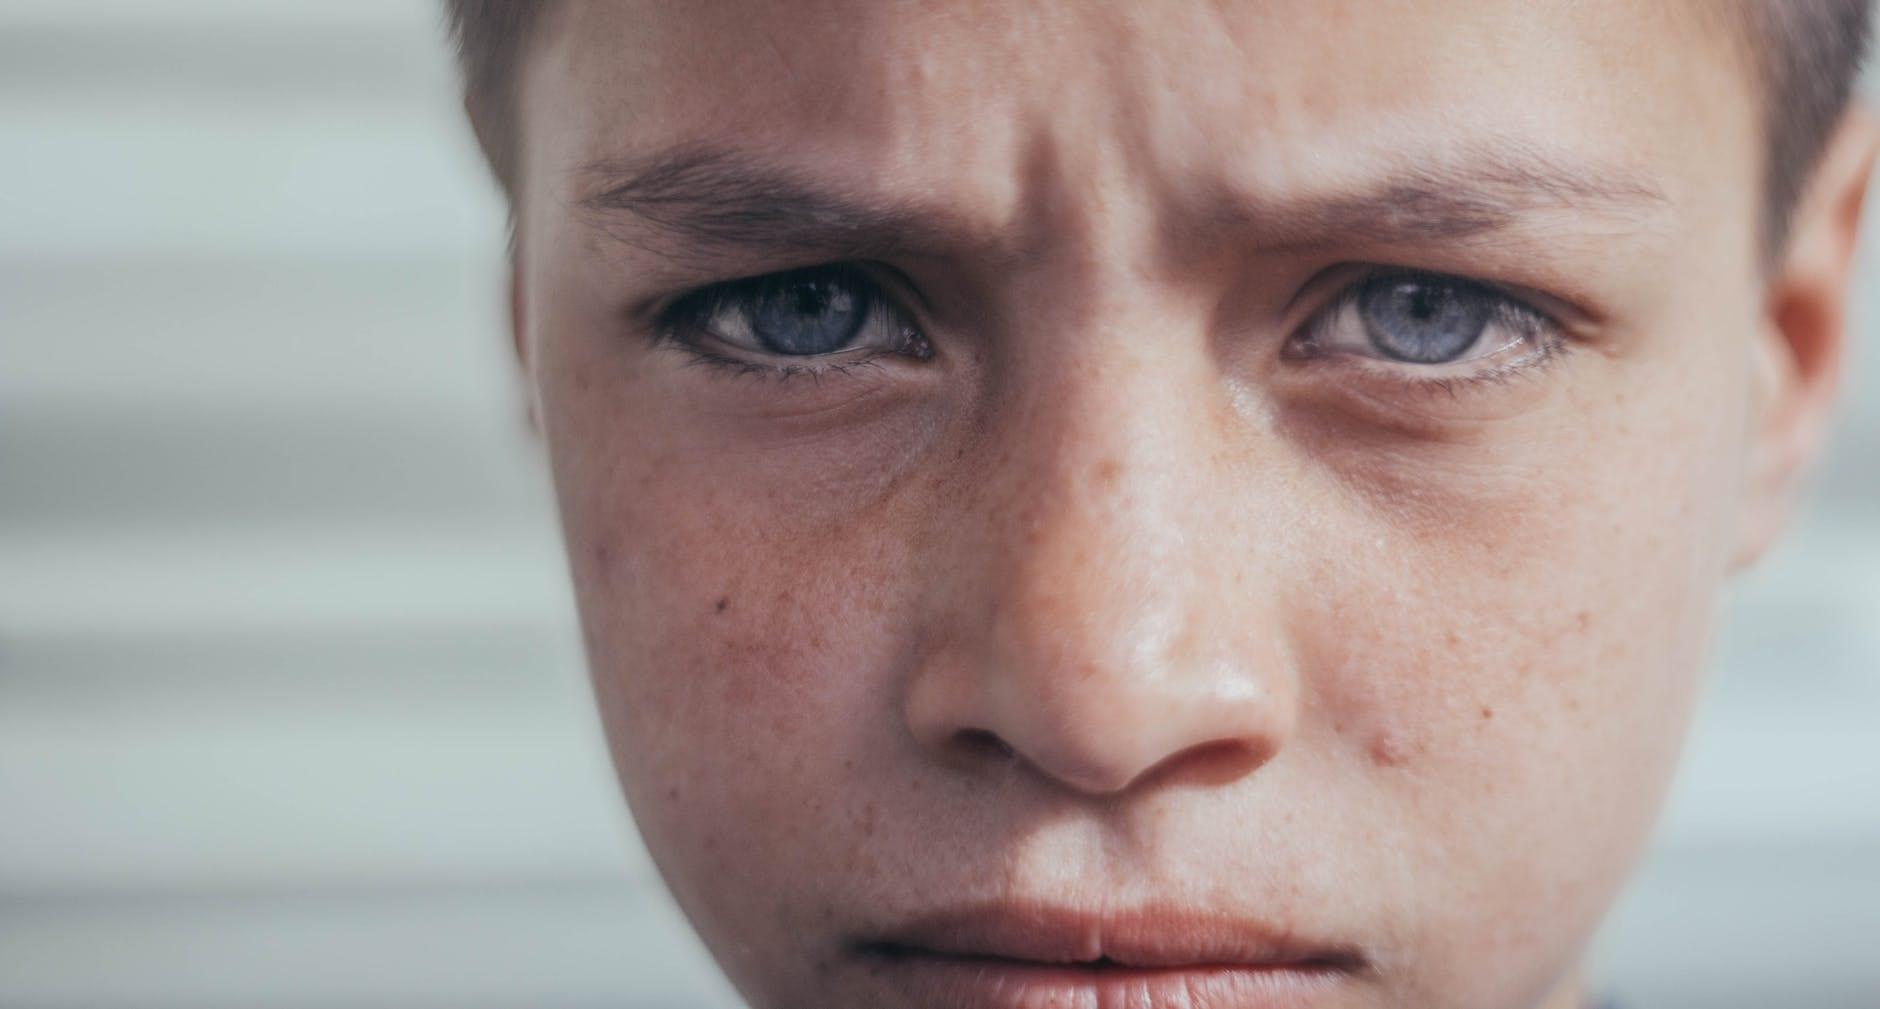 como lidar com o bullying